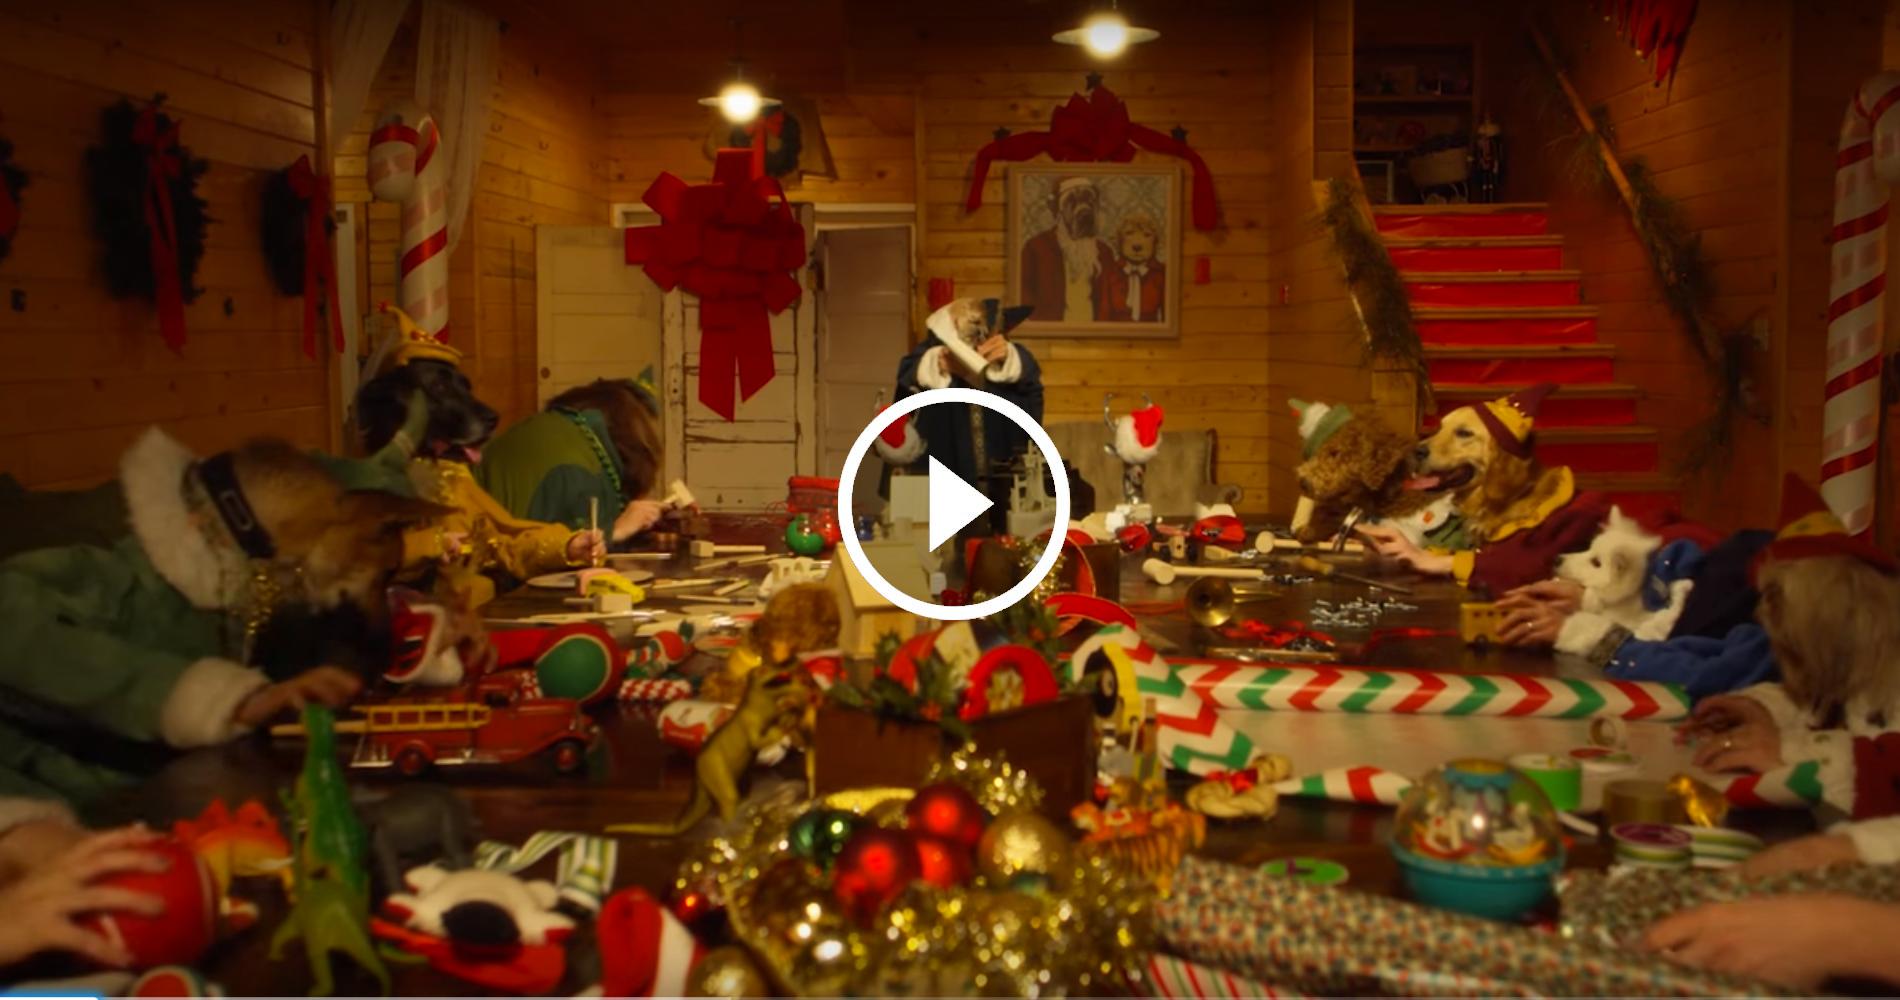 Foto Degli Elfi Di Babbo Natale.Degli Elfi Molto Speciali Stanno Aiutando Babbo Natale